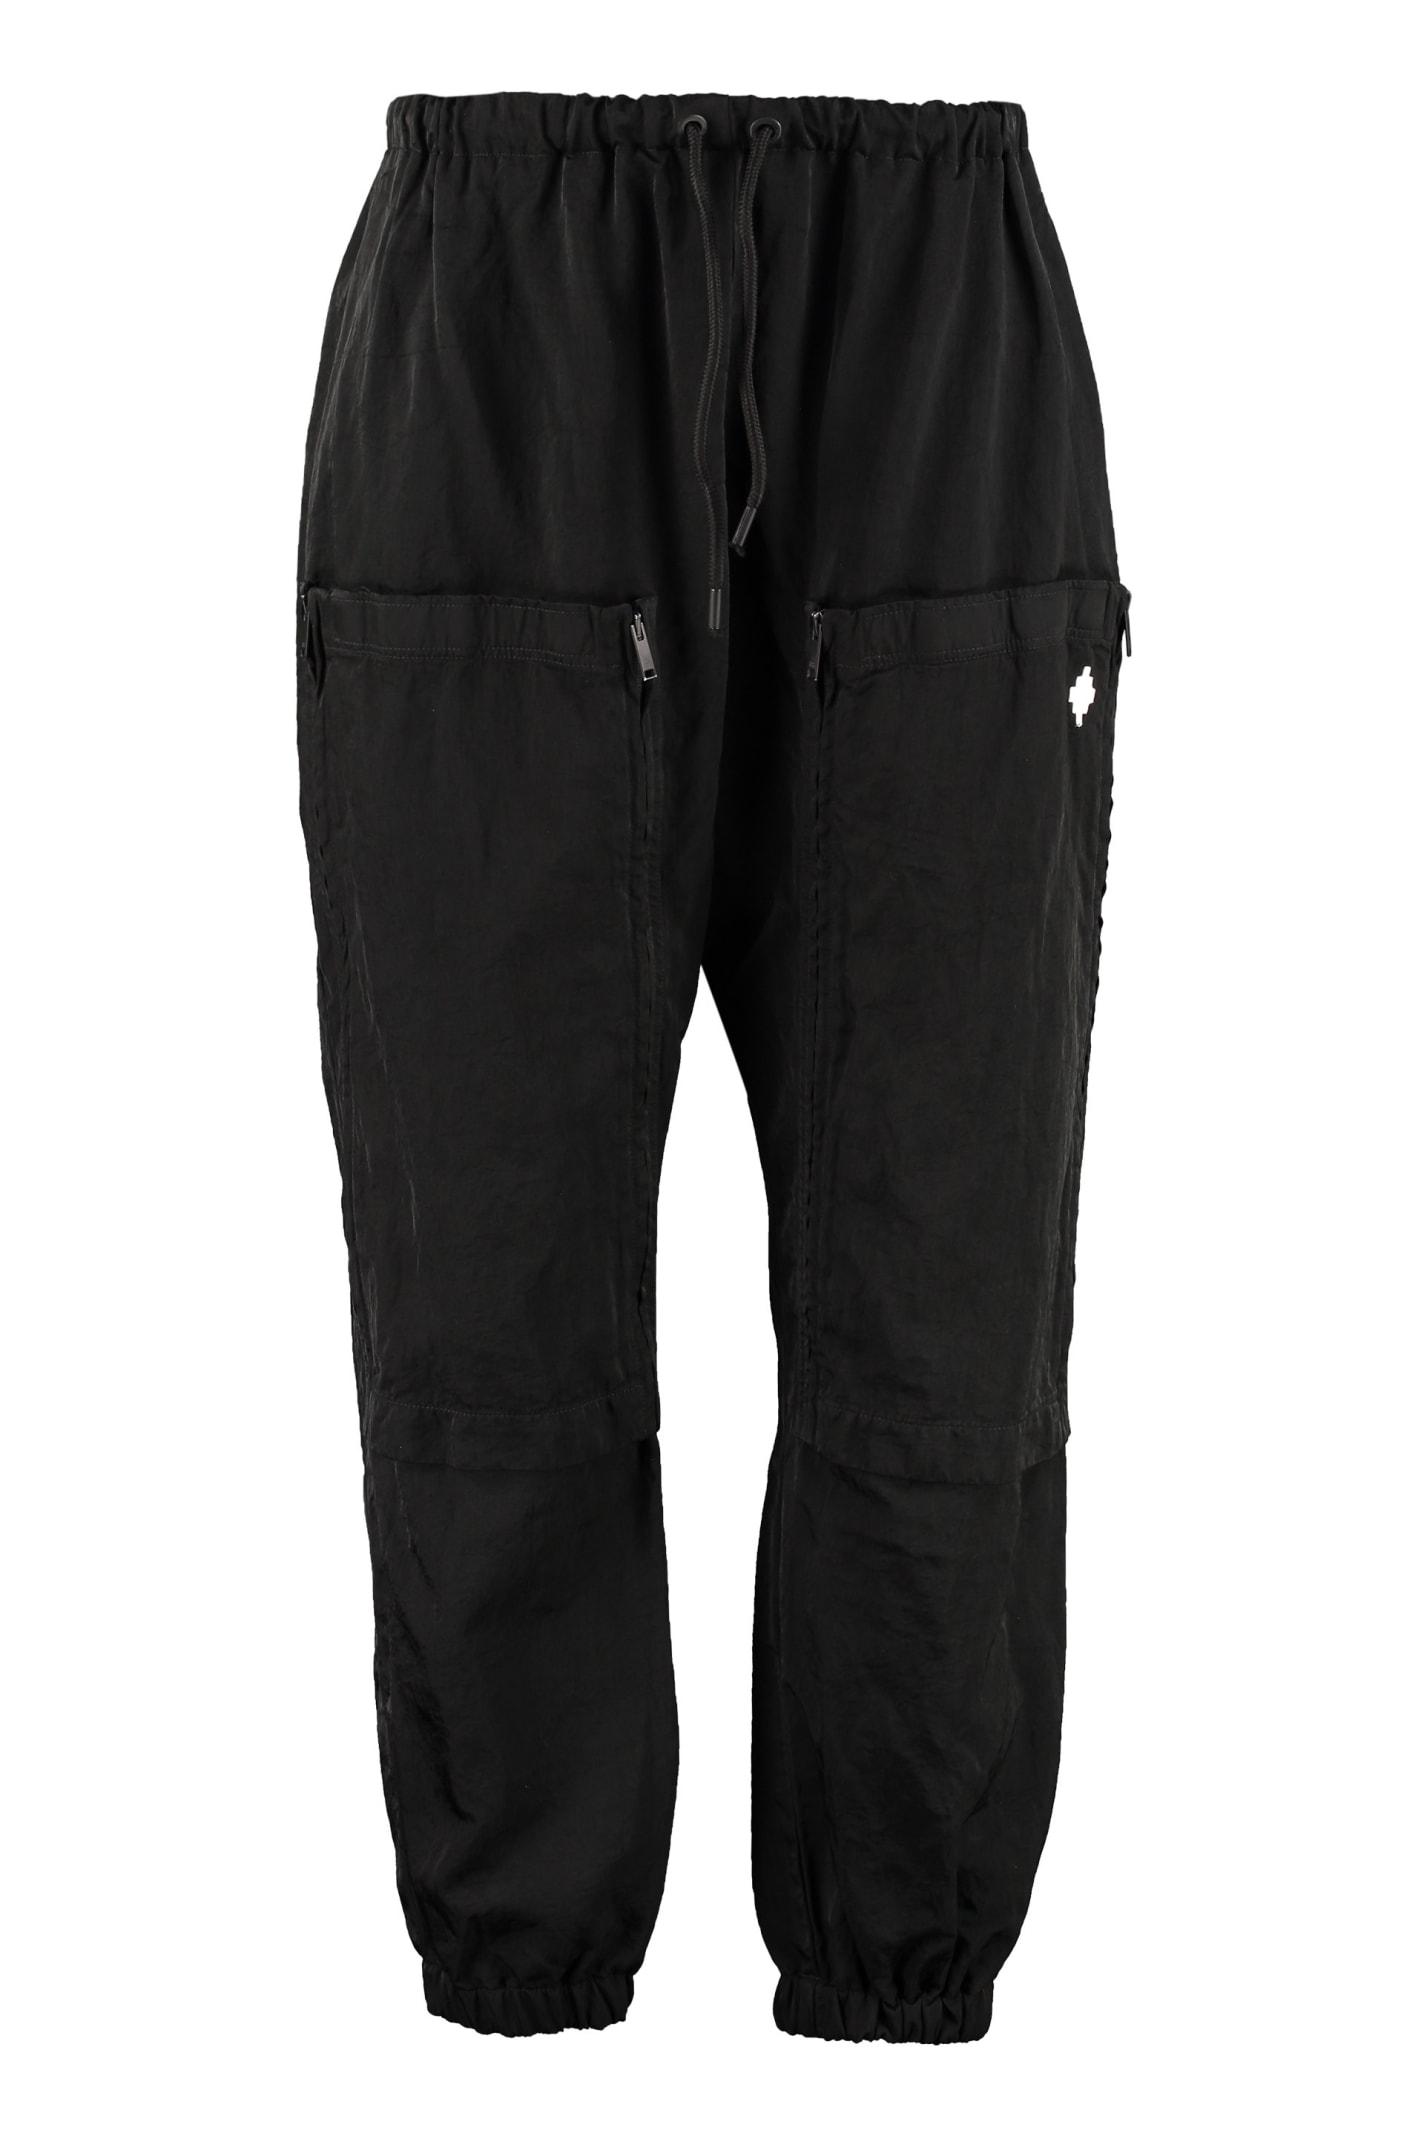 Marcelo Burlon Nylon Cargo Pants